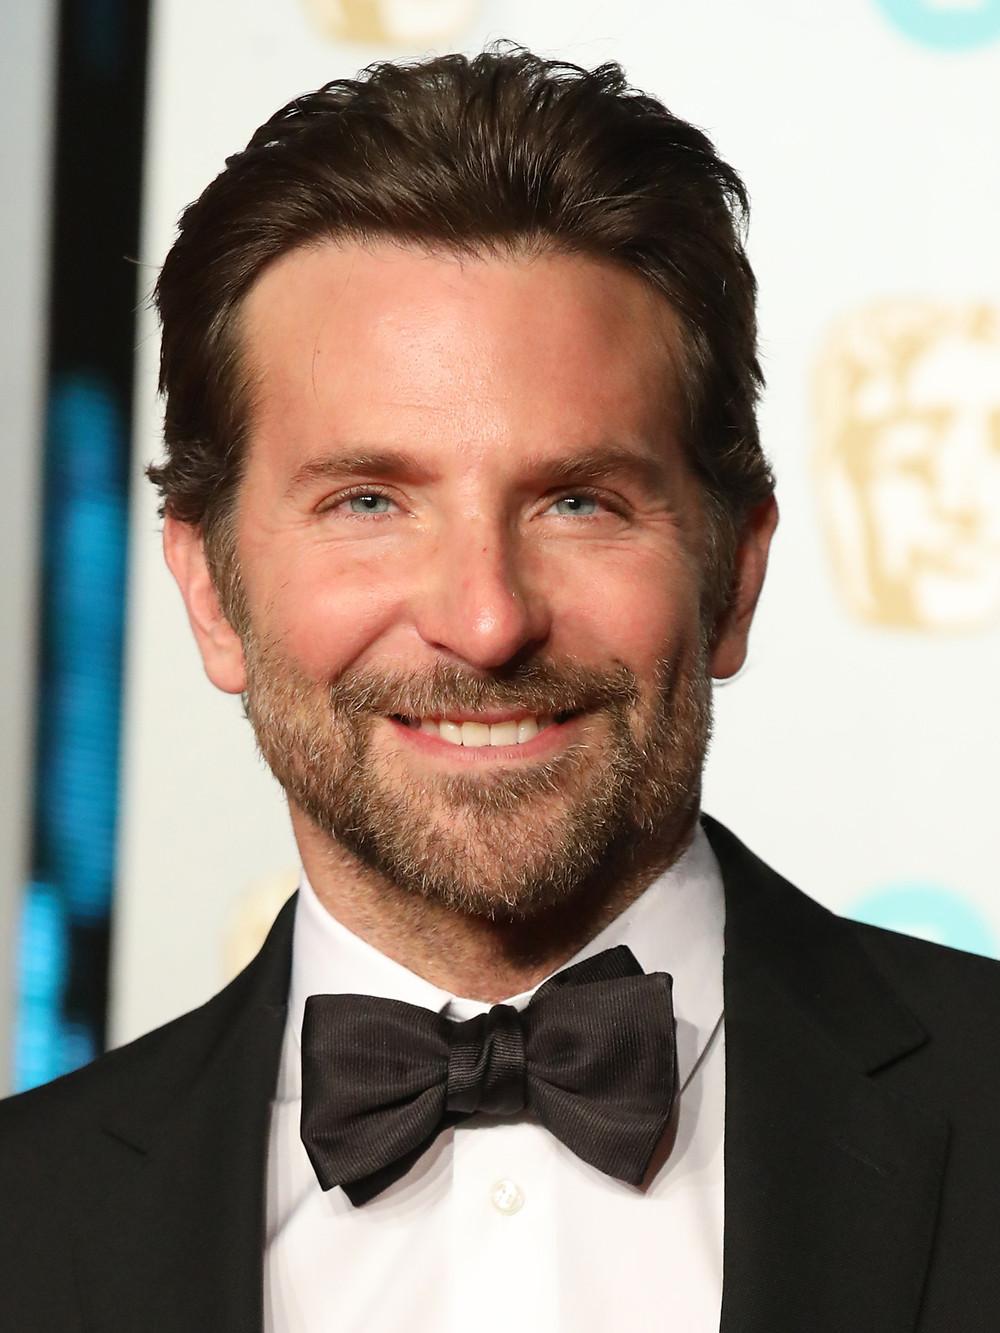 Bradley Cooper - um capricorniano famoso que não tem como escapar dos holofotes